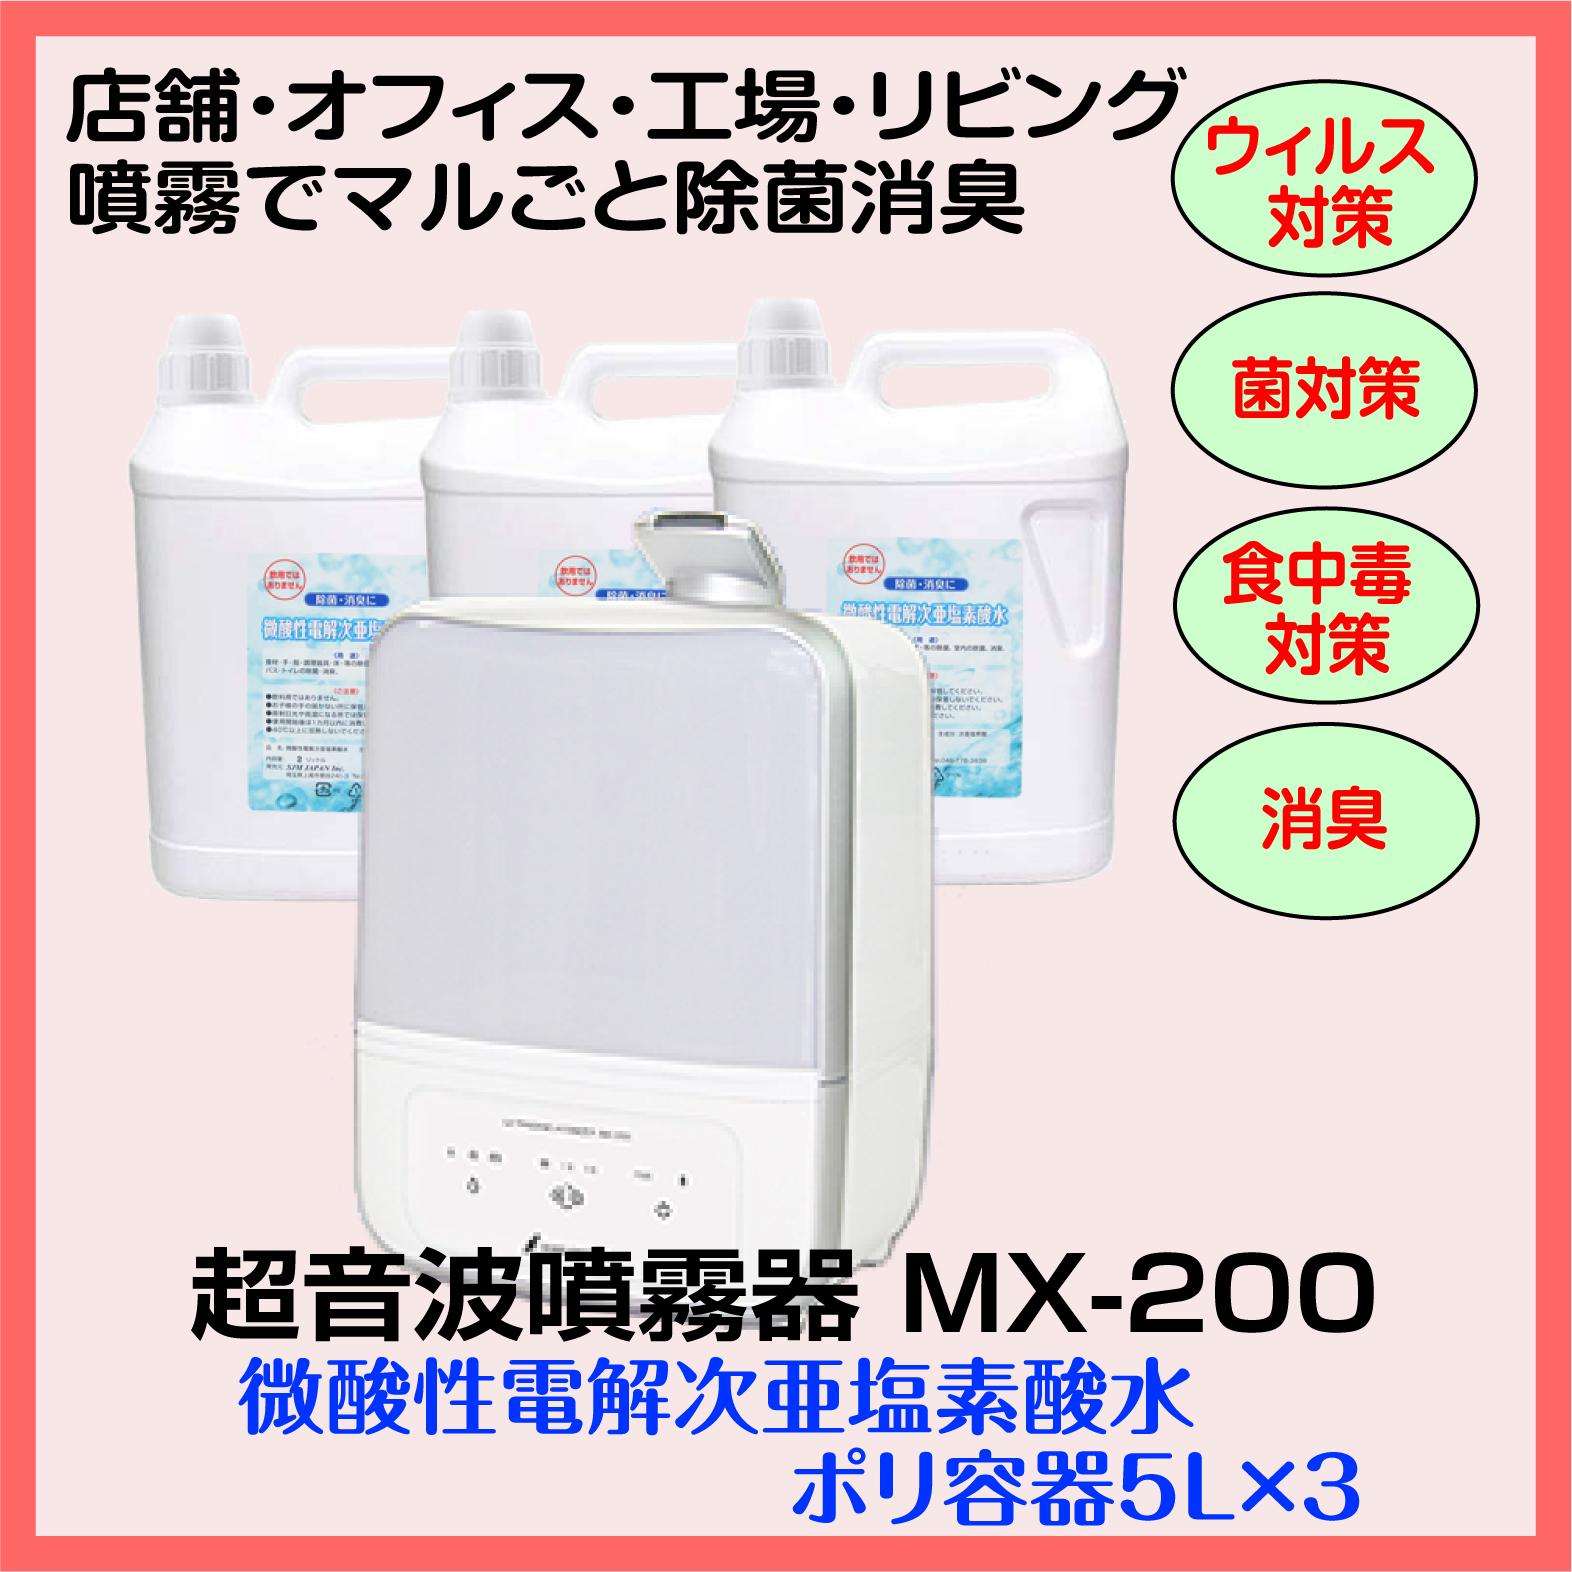 噴霧器 MX-200+5L×3個画像